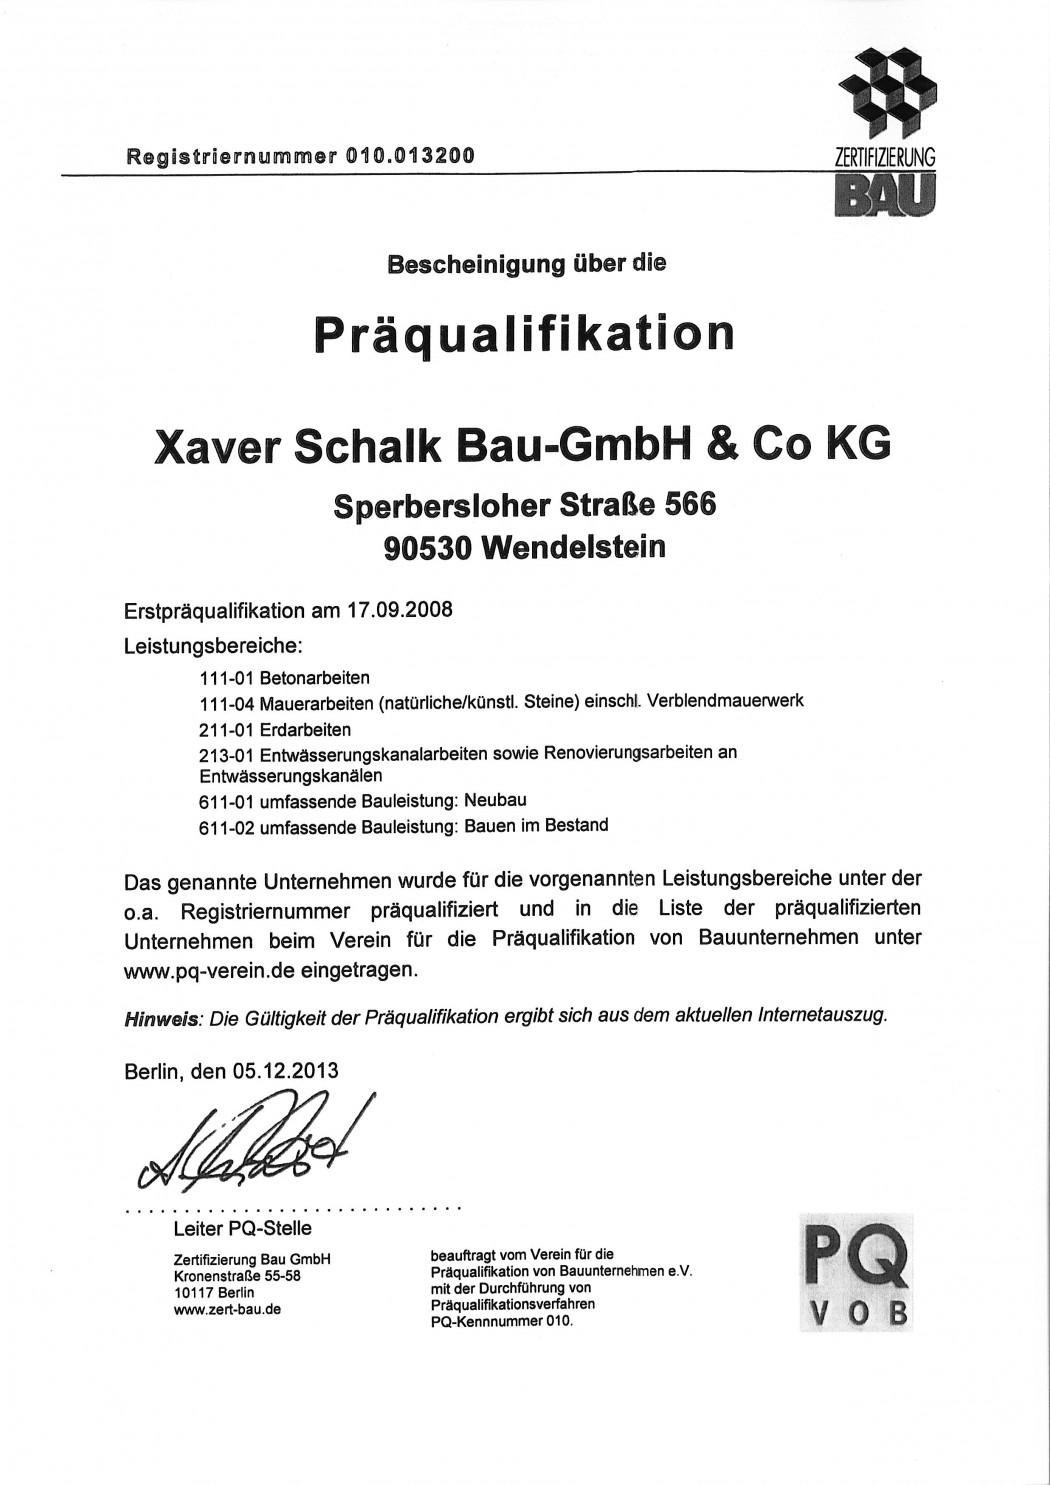 Praequalifikation_2013_12_05